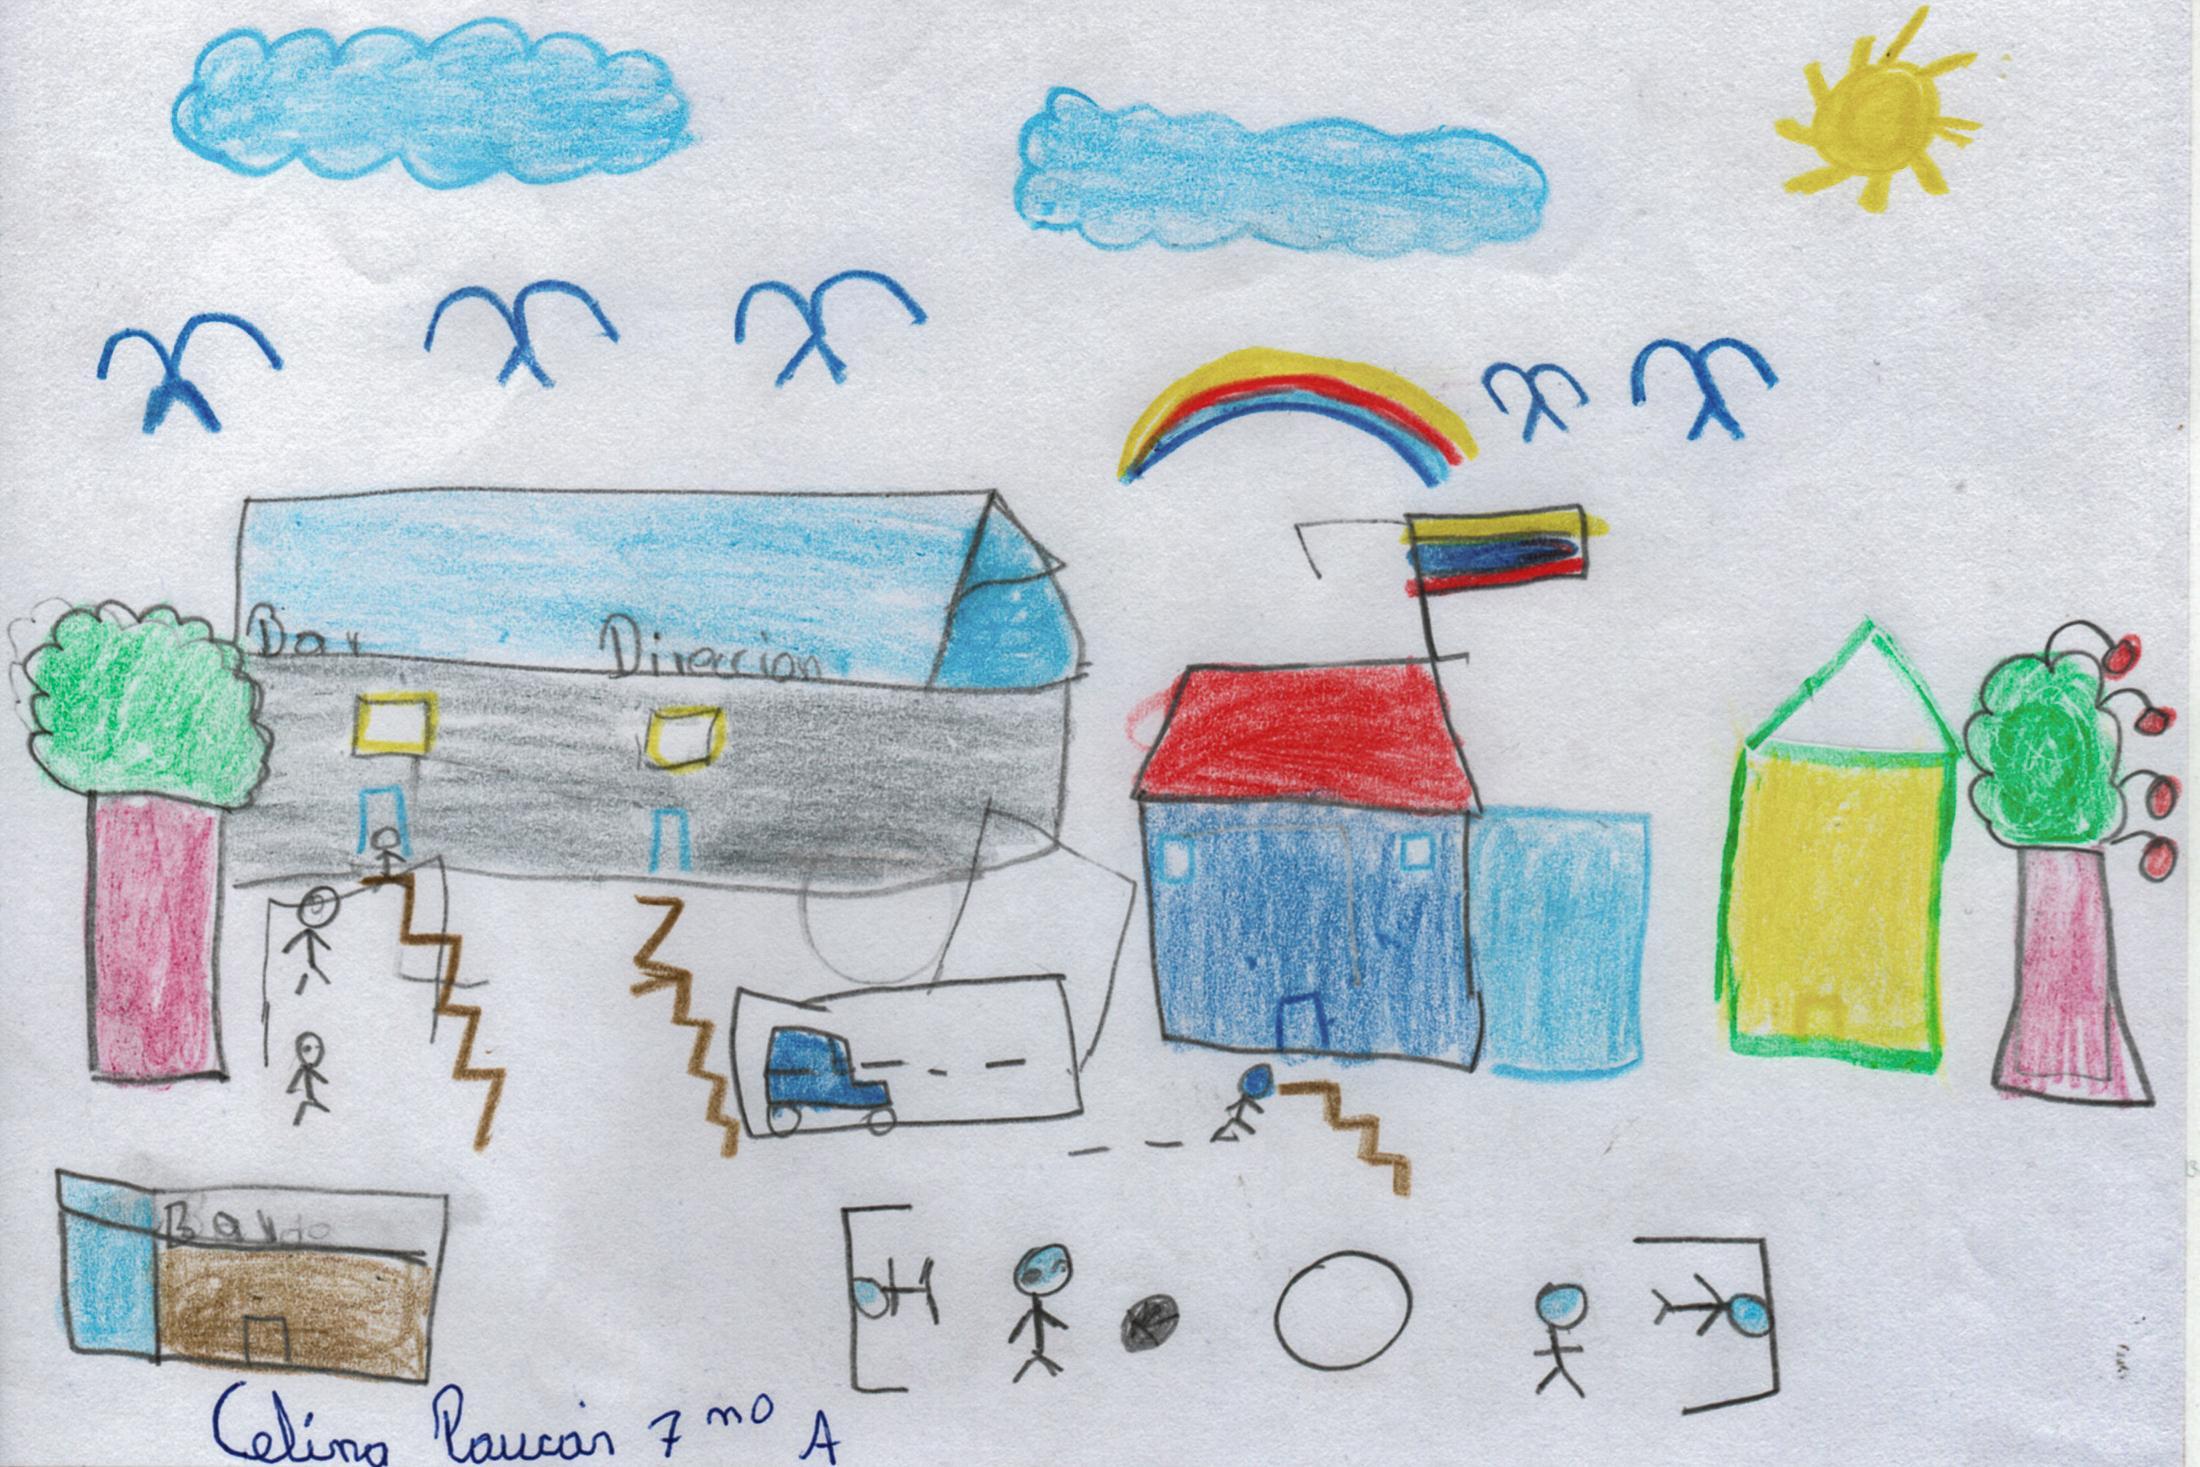 Dibujo de la Escuela Ruperto Alarcón Falconí realizado por Celina Paucar (12), una de sus estudiantes.  Muchos niños extrañan la escuela y la cotidianidad de sus días de clases antes que fueran suspendidas por la emergencia sanitaria. 22 de mayo de 2020. Cotogchoa-Ecuador. Andrés Yépez.